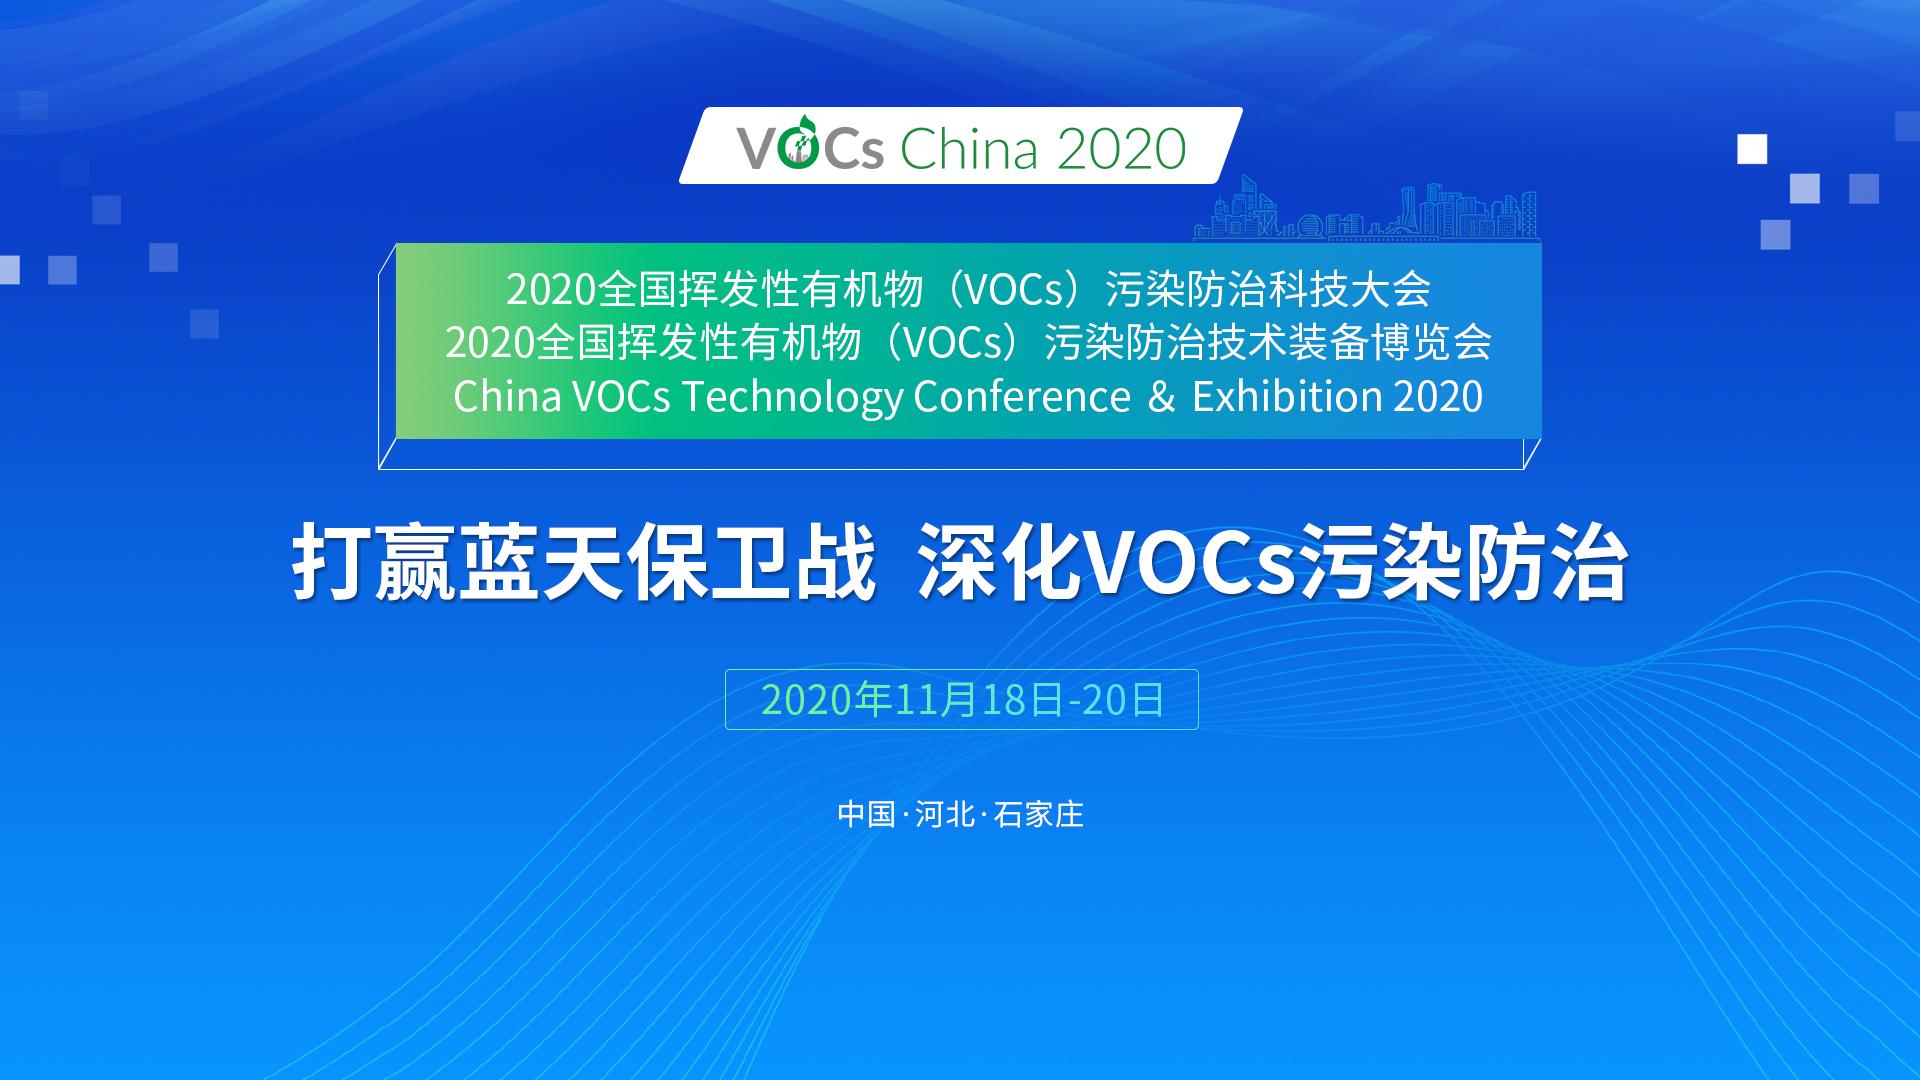 【开幕式】2020全国挥发性有机物(VOCs)污染防治科技大会